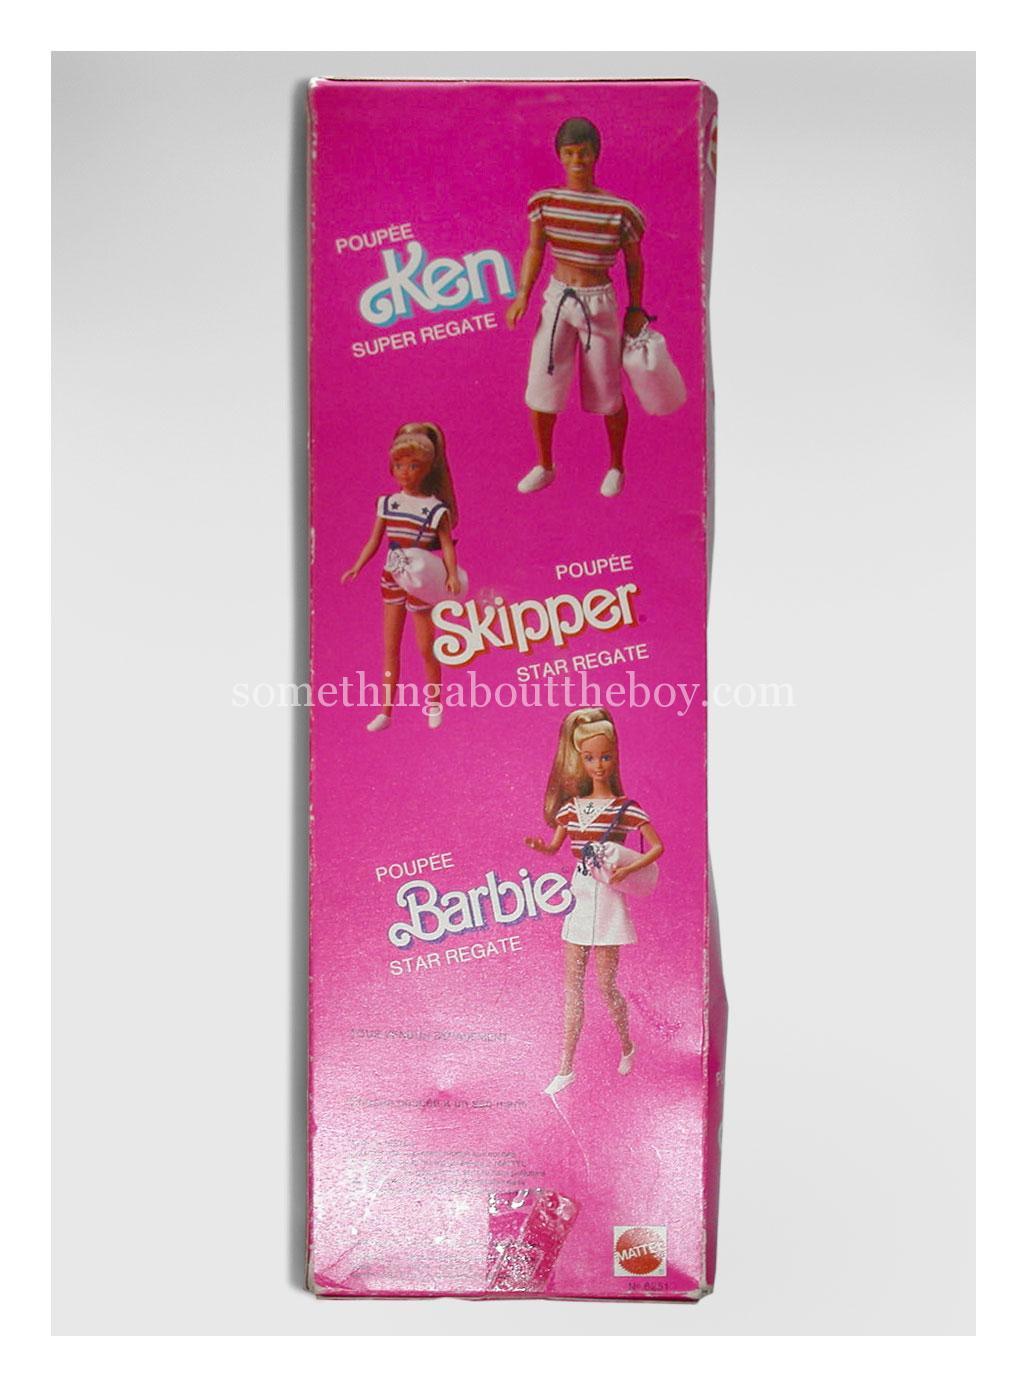 1985 #6251 Ken Super Regate (French version)